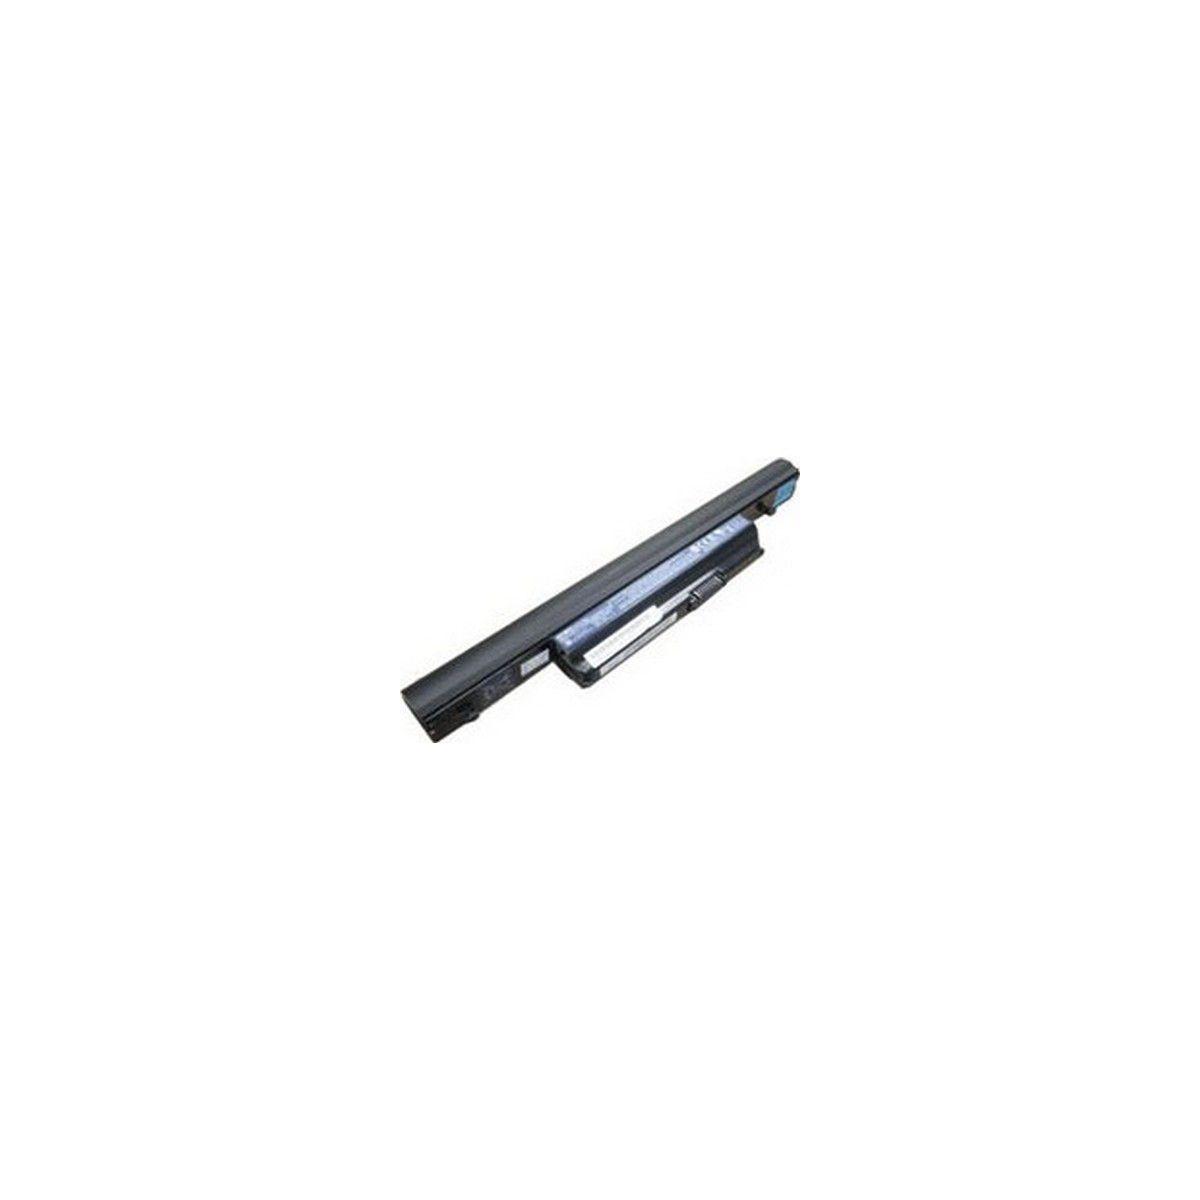 Batterie ordinateur portable ENERGY ACERV45